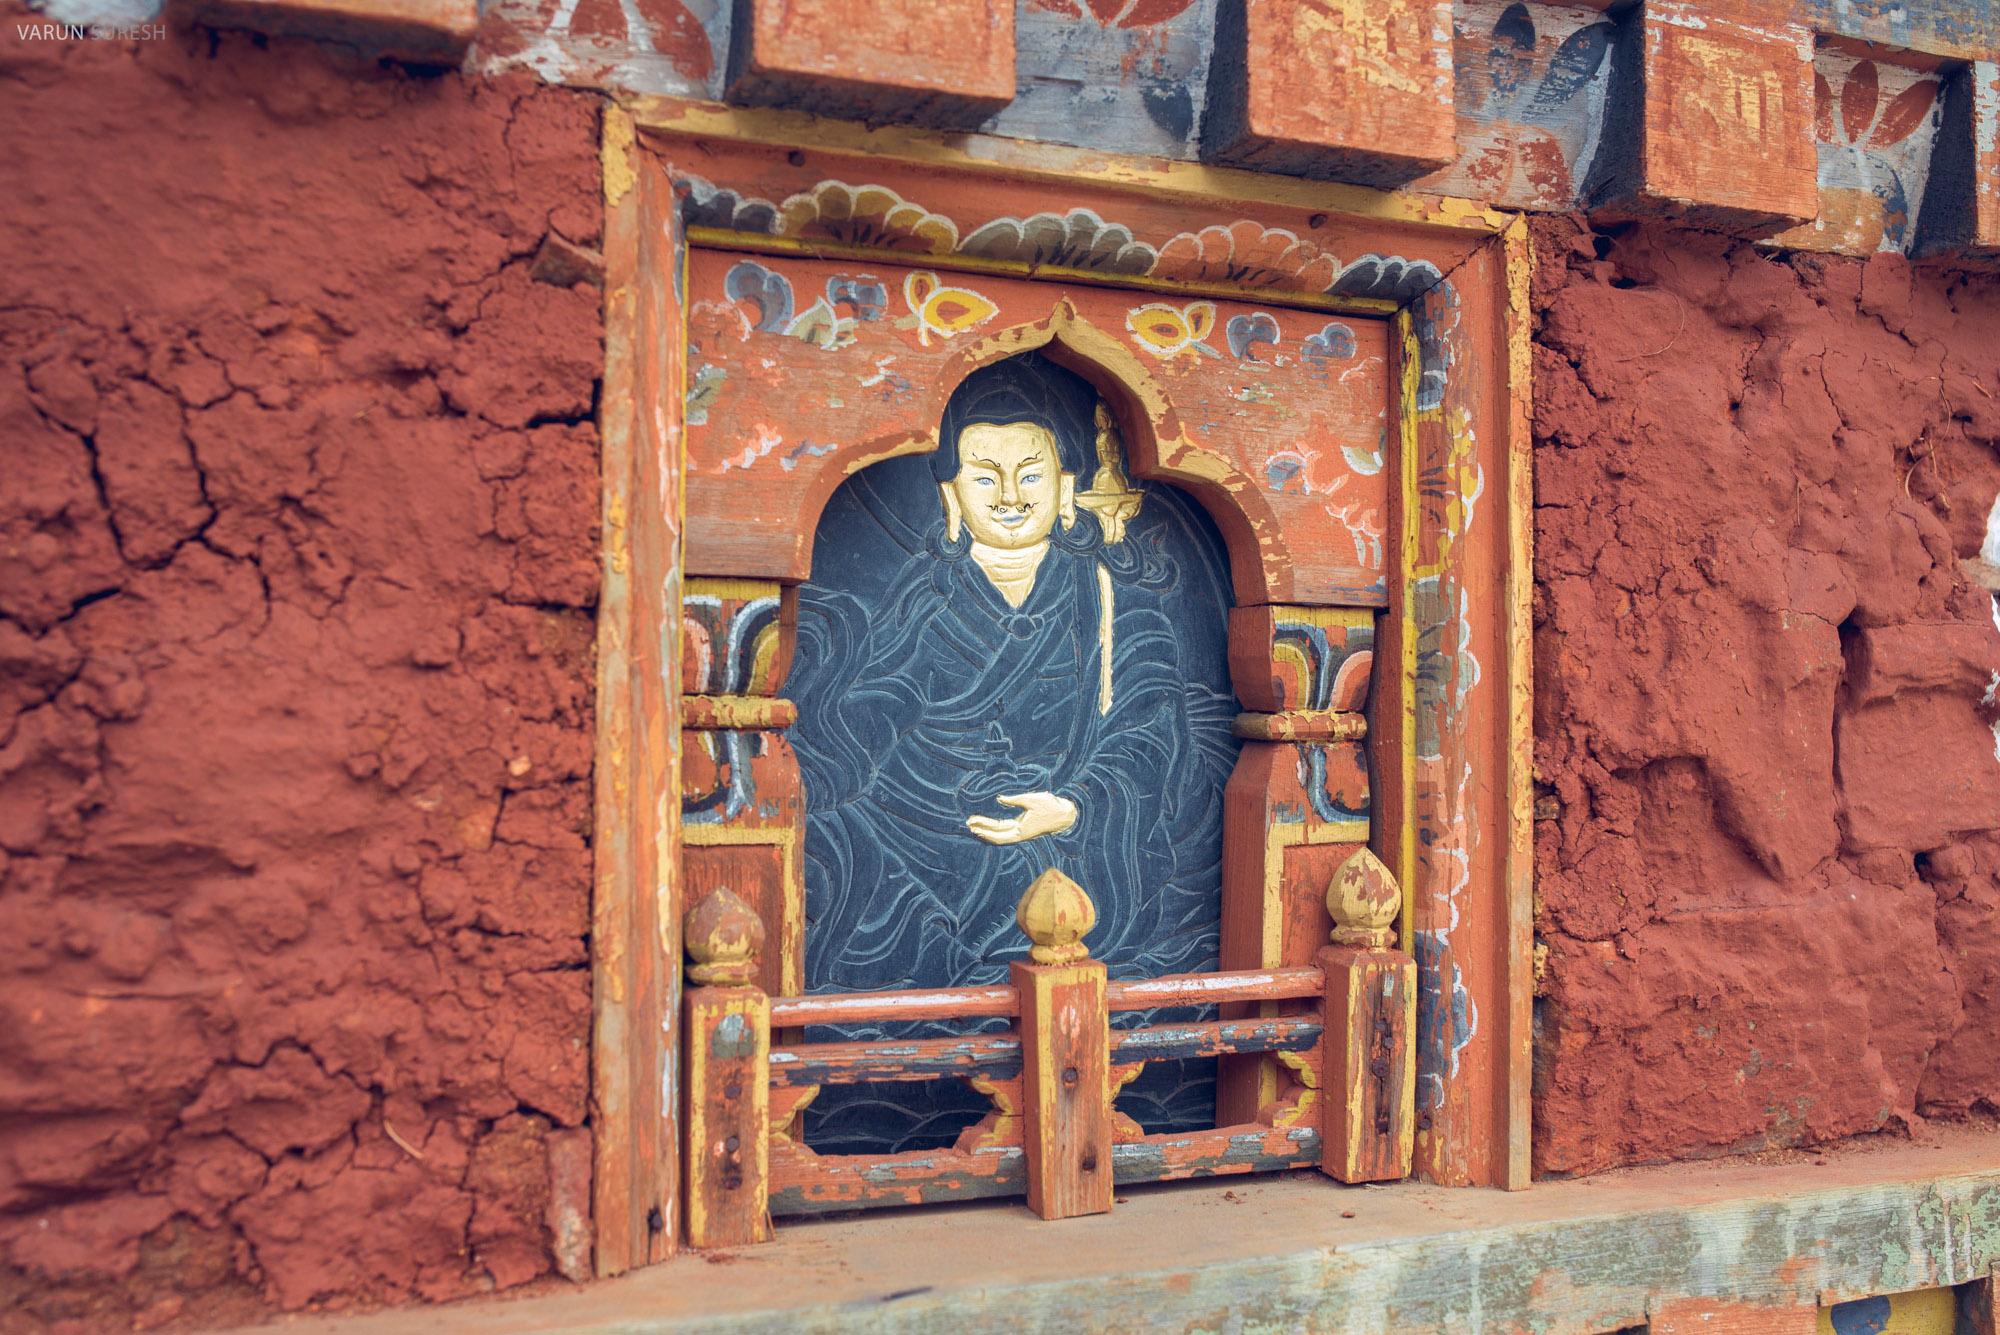 Bhutan_064.jpg